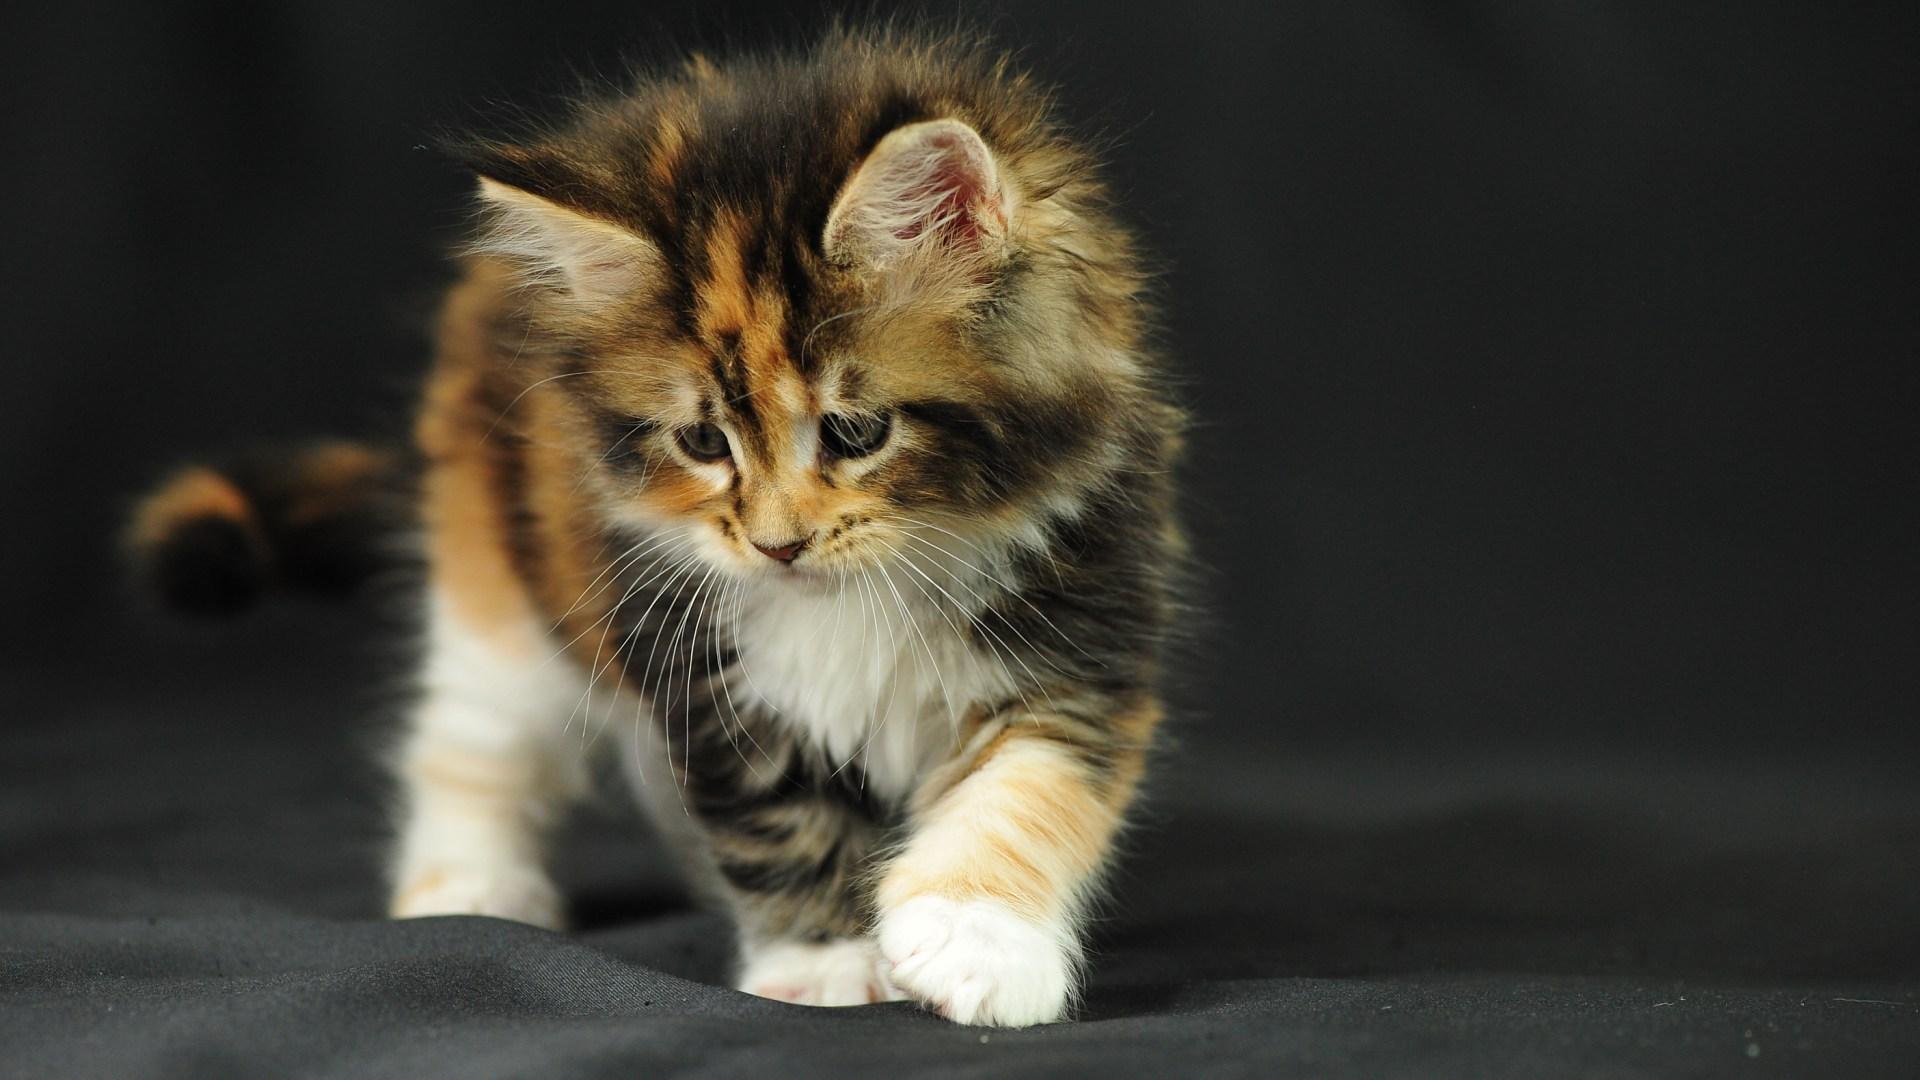 Котенок в мелкой траве  № 2953972 загрузить